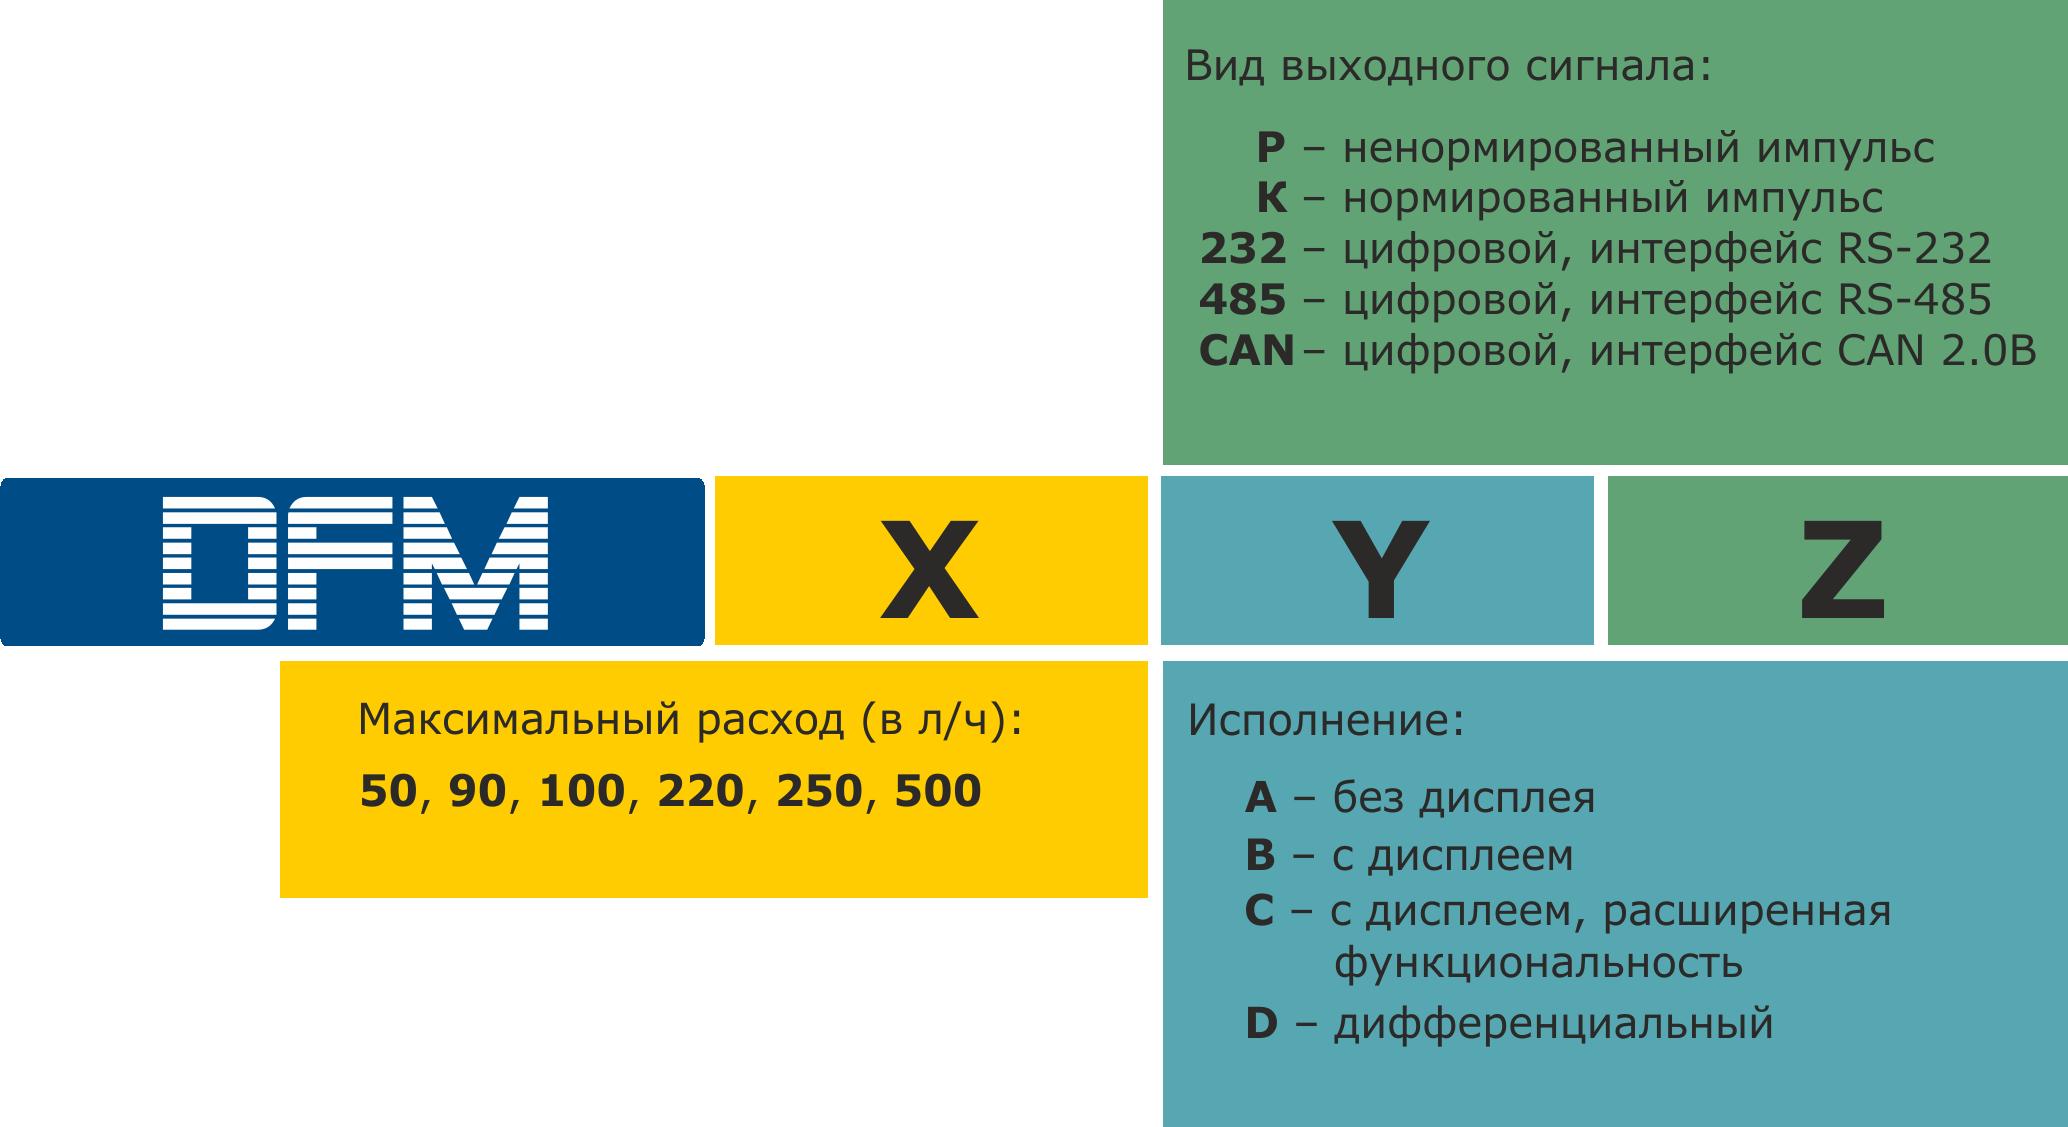 Инструкция По Вулканизации